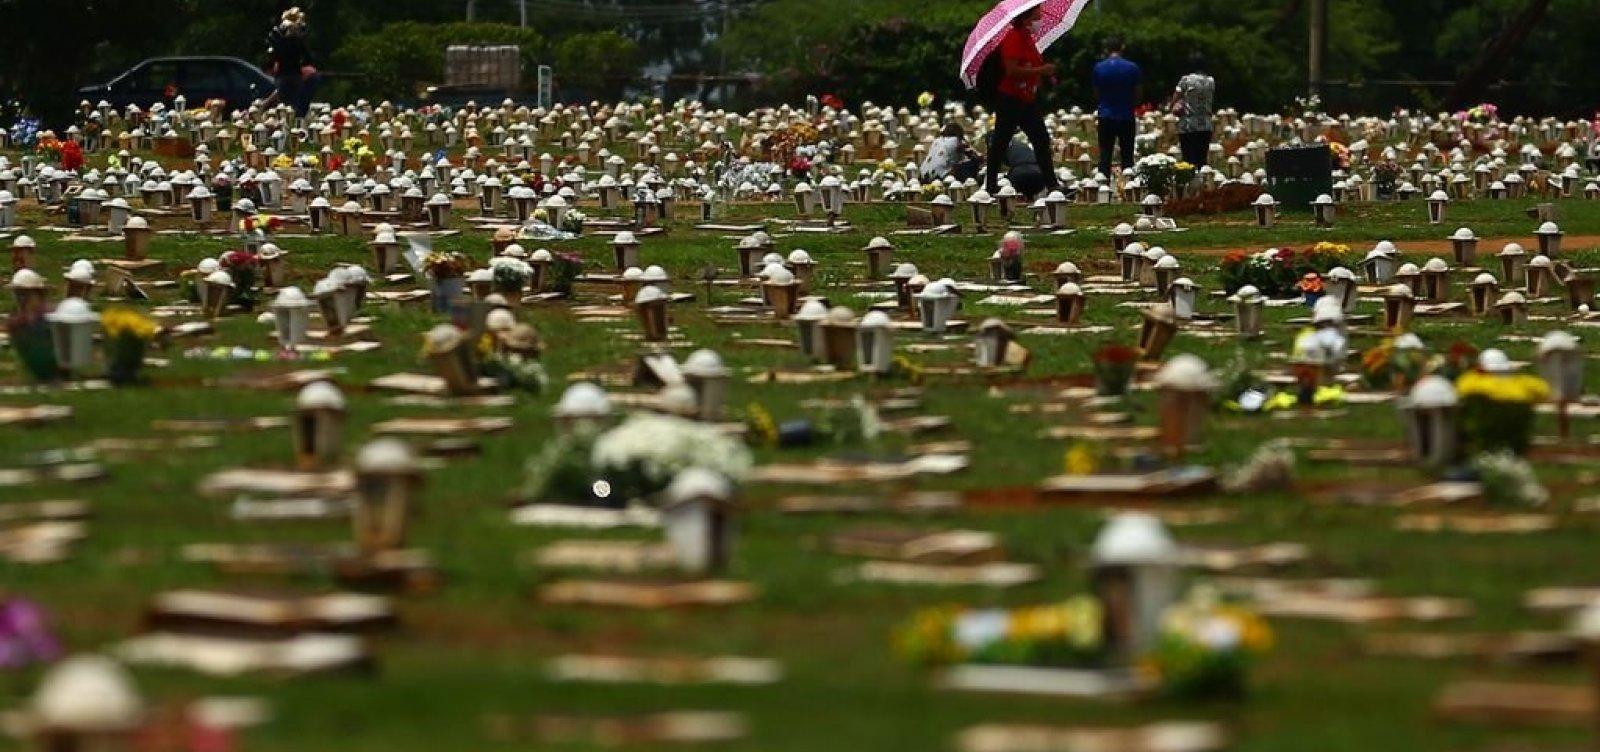 Brasil registra mais de 560 mil mortes por Covid, com 1.086 óbitos registrados em 24 h